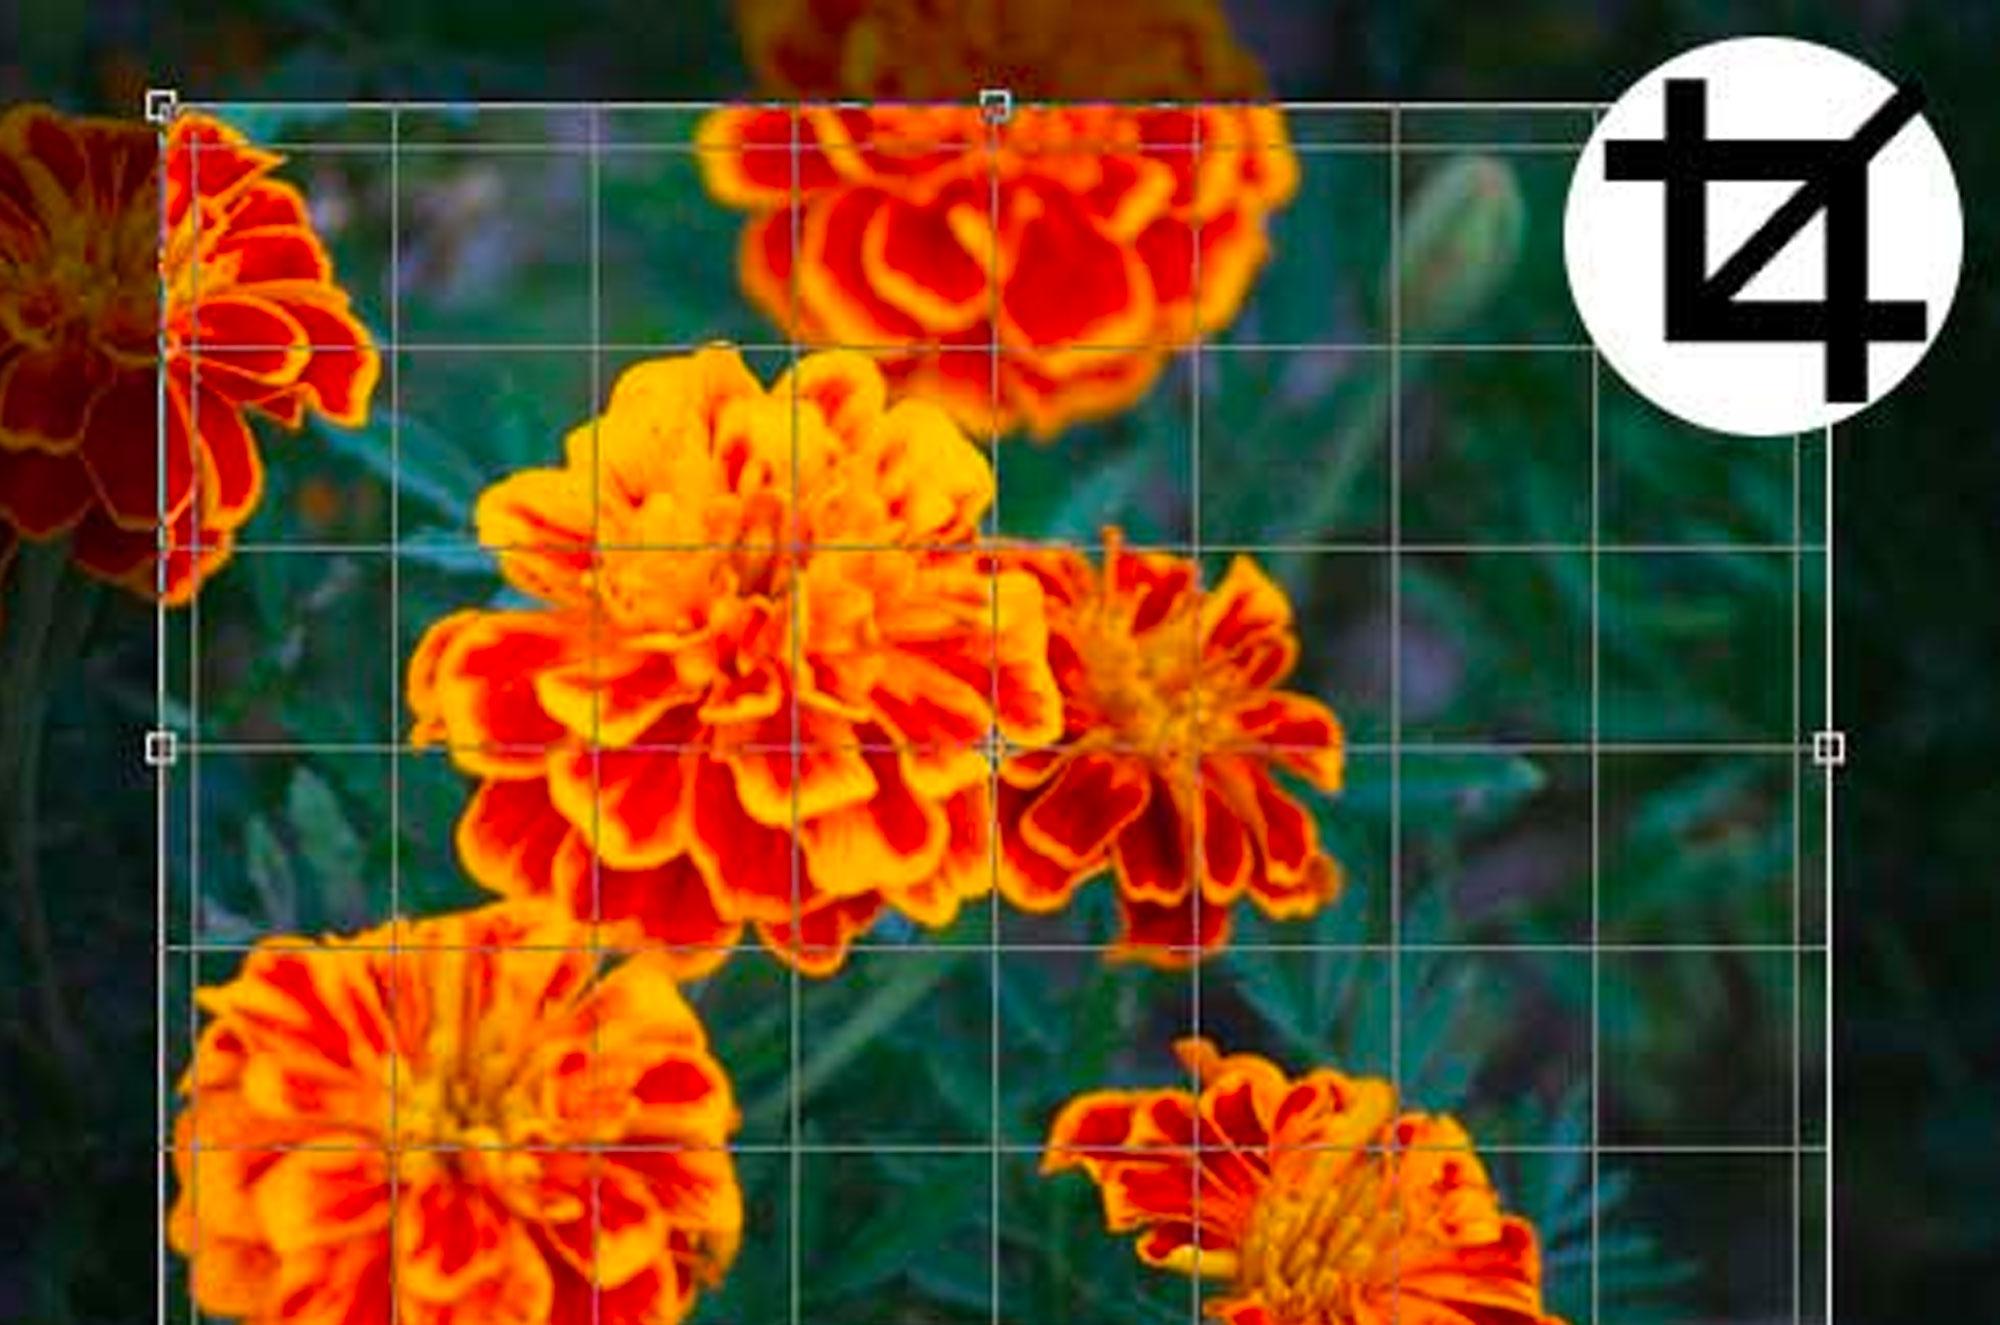 photoshopの画像のトリミングとツールの操作方法